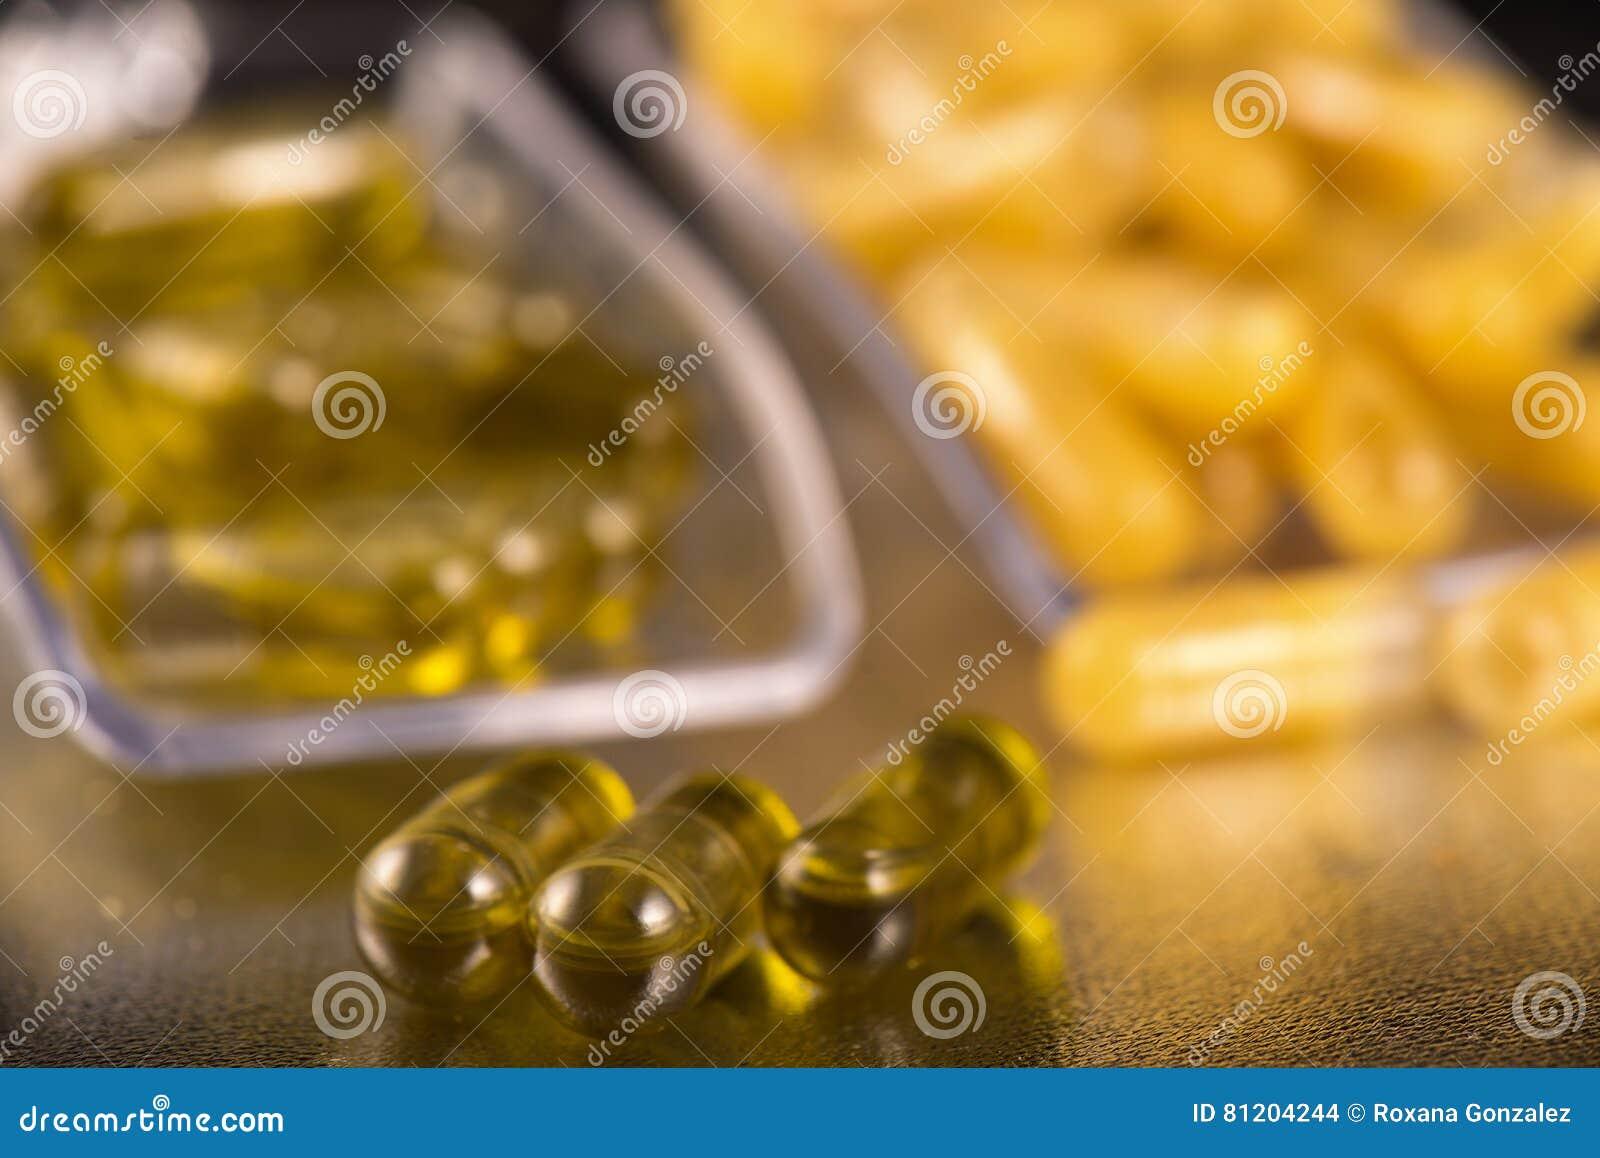 大麻提取胶囊灌输了粉碎和CBD油